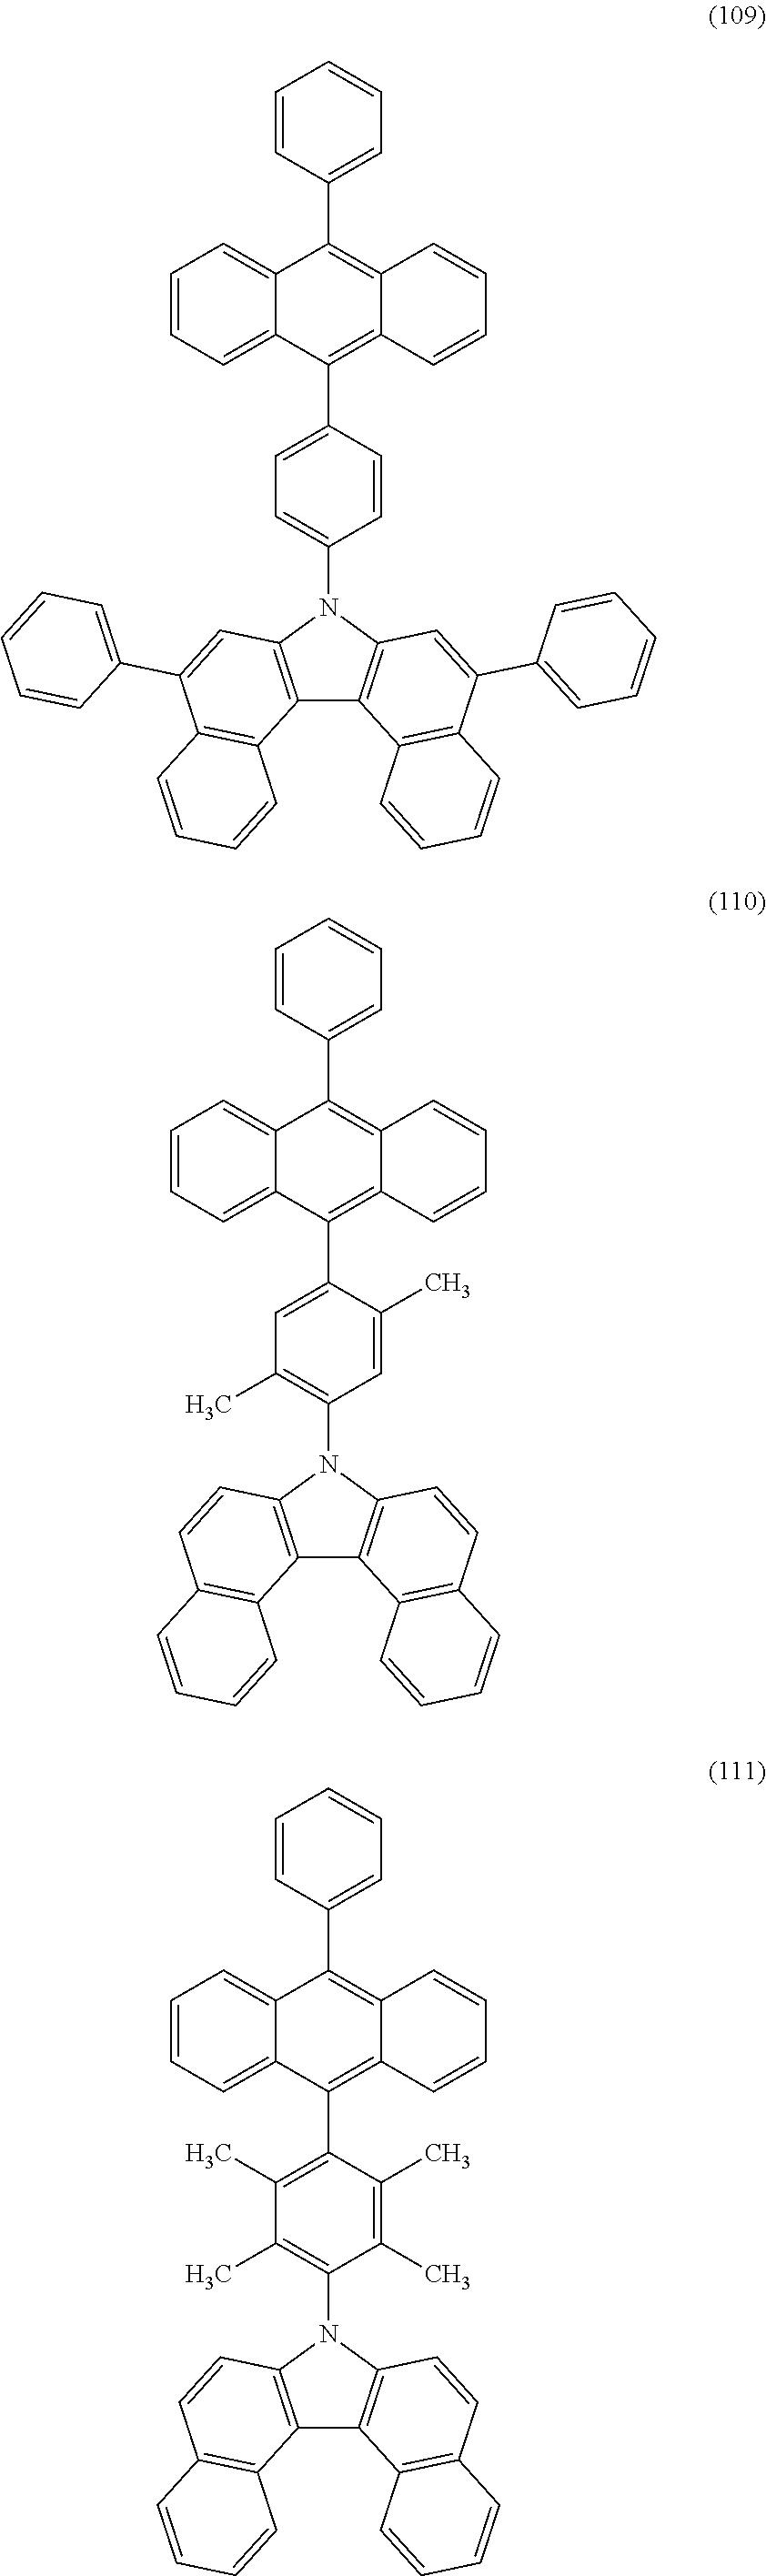 Figure US09240558-20160119-C00047